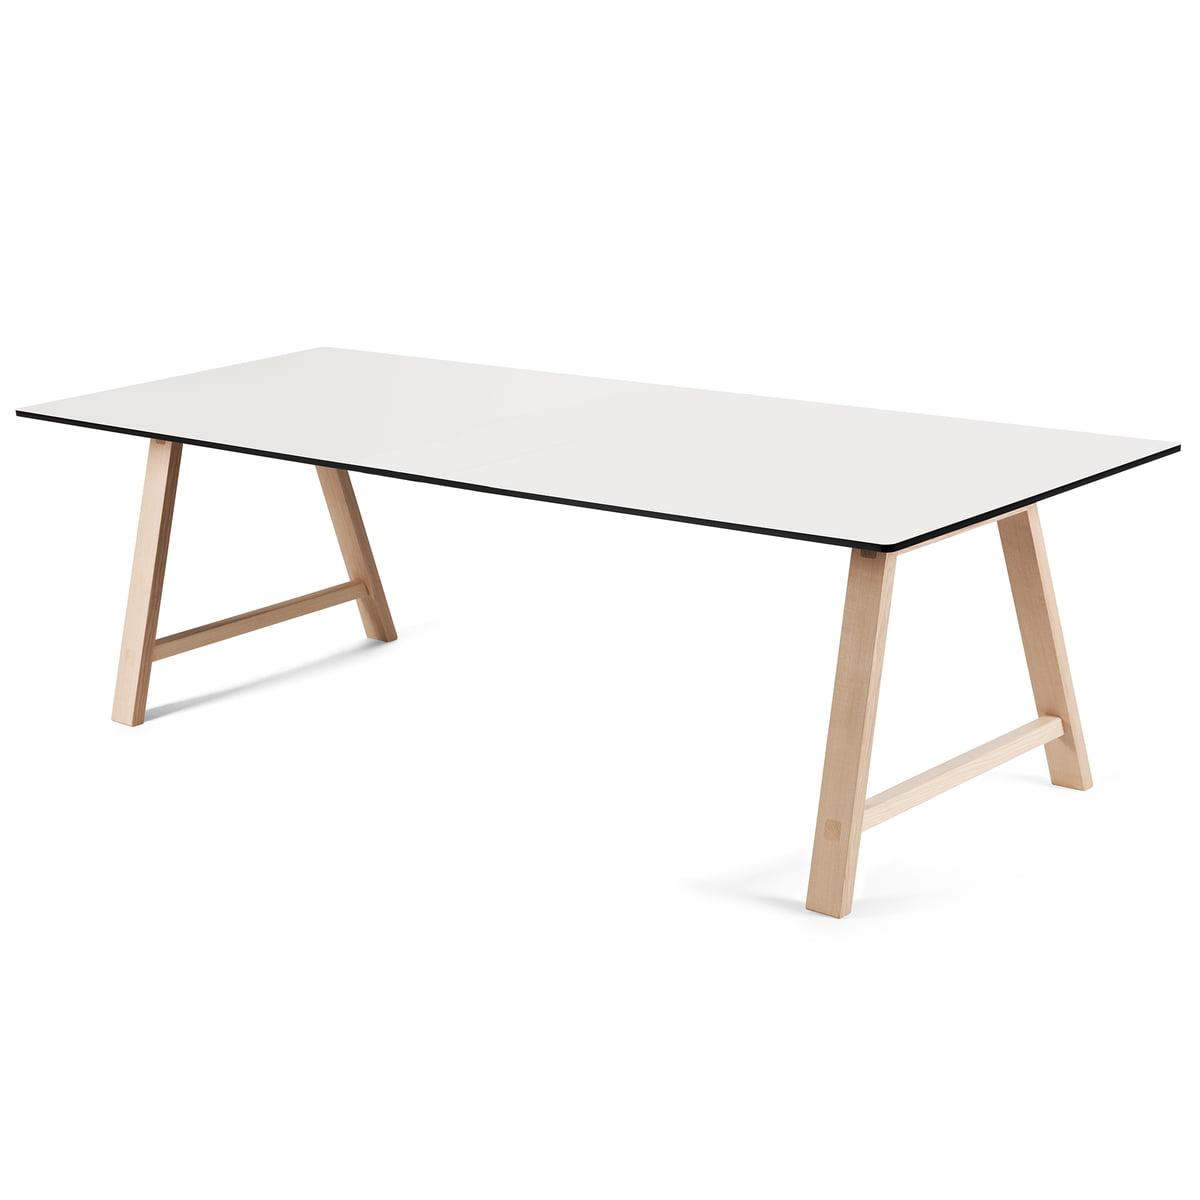 Ausziehtisch weiß  T1 Ausziehtisch 220 cm von Andersen Furniture